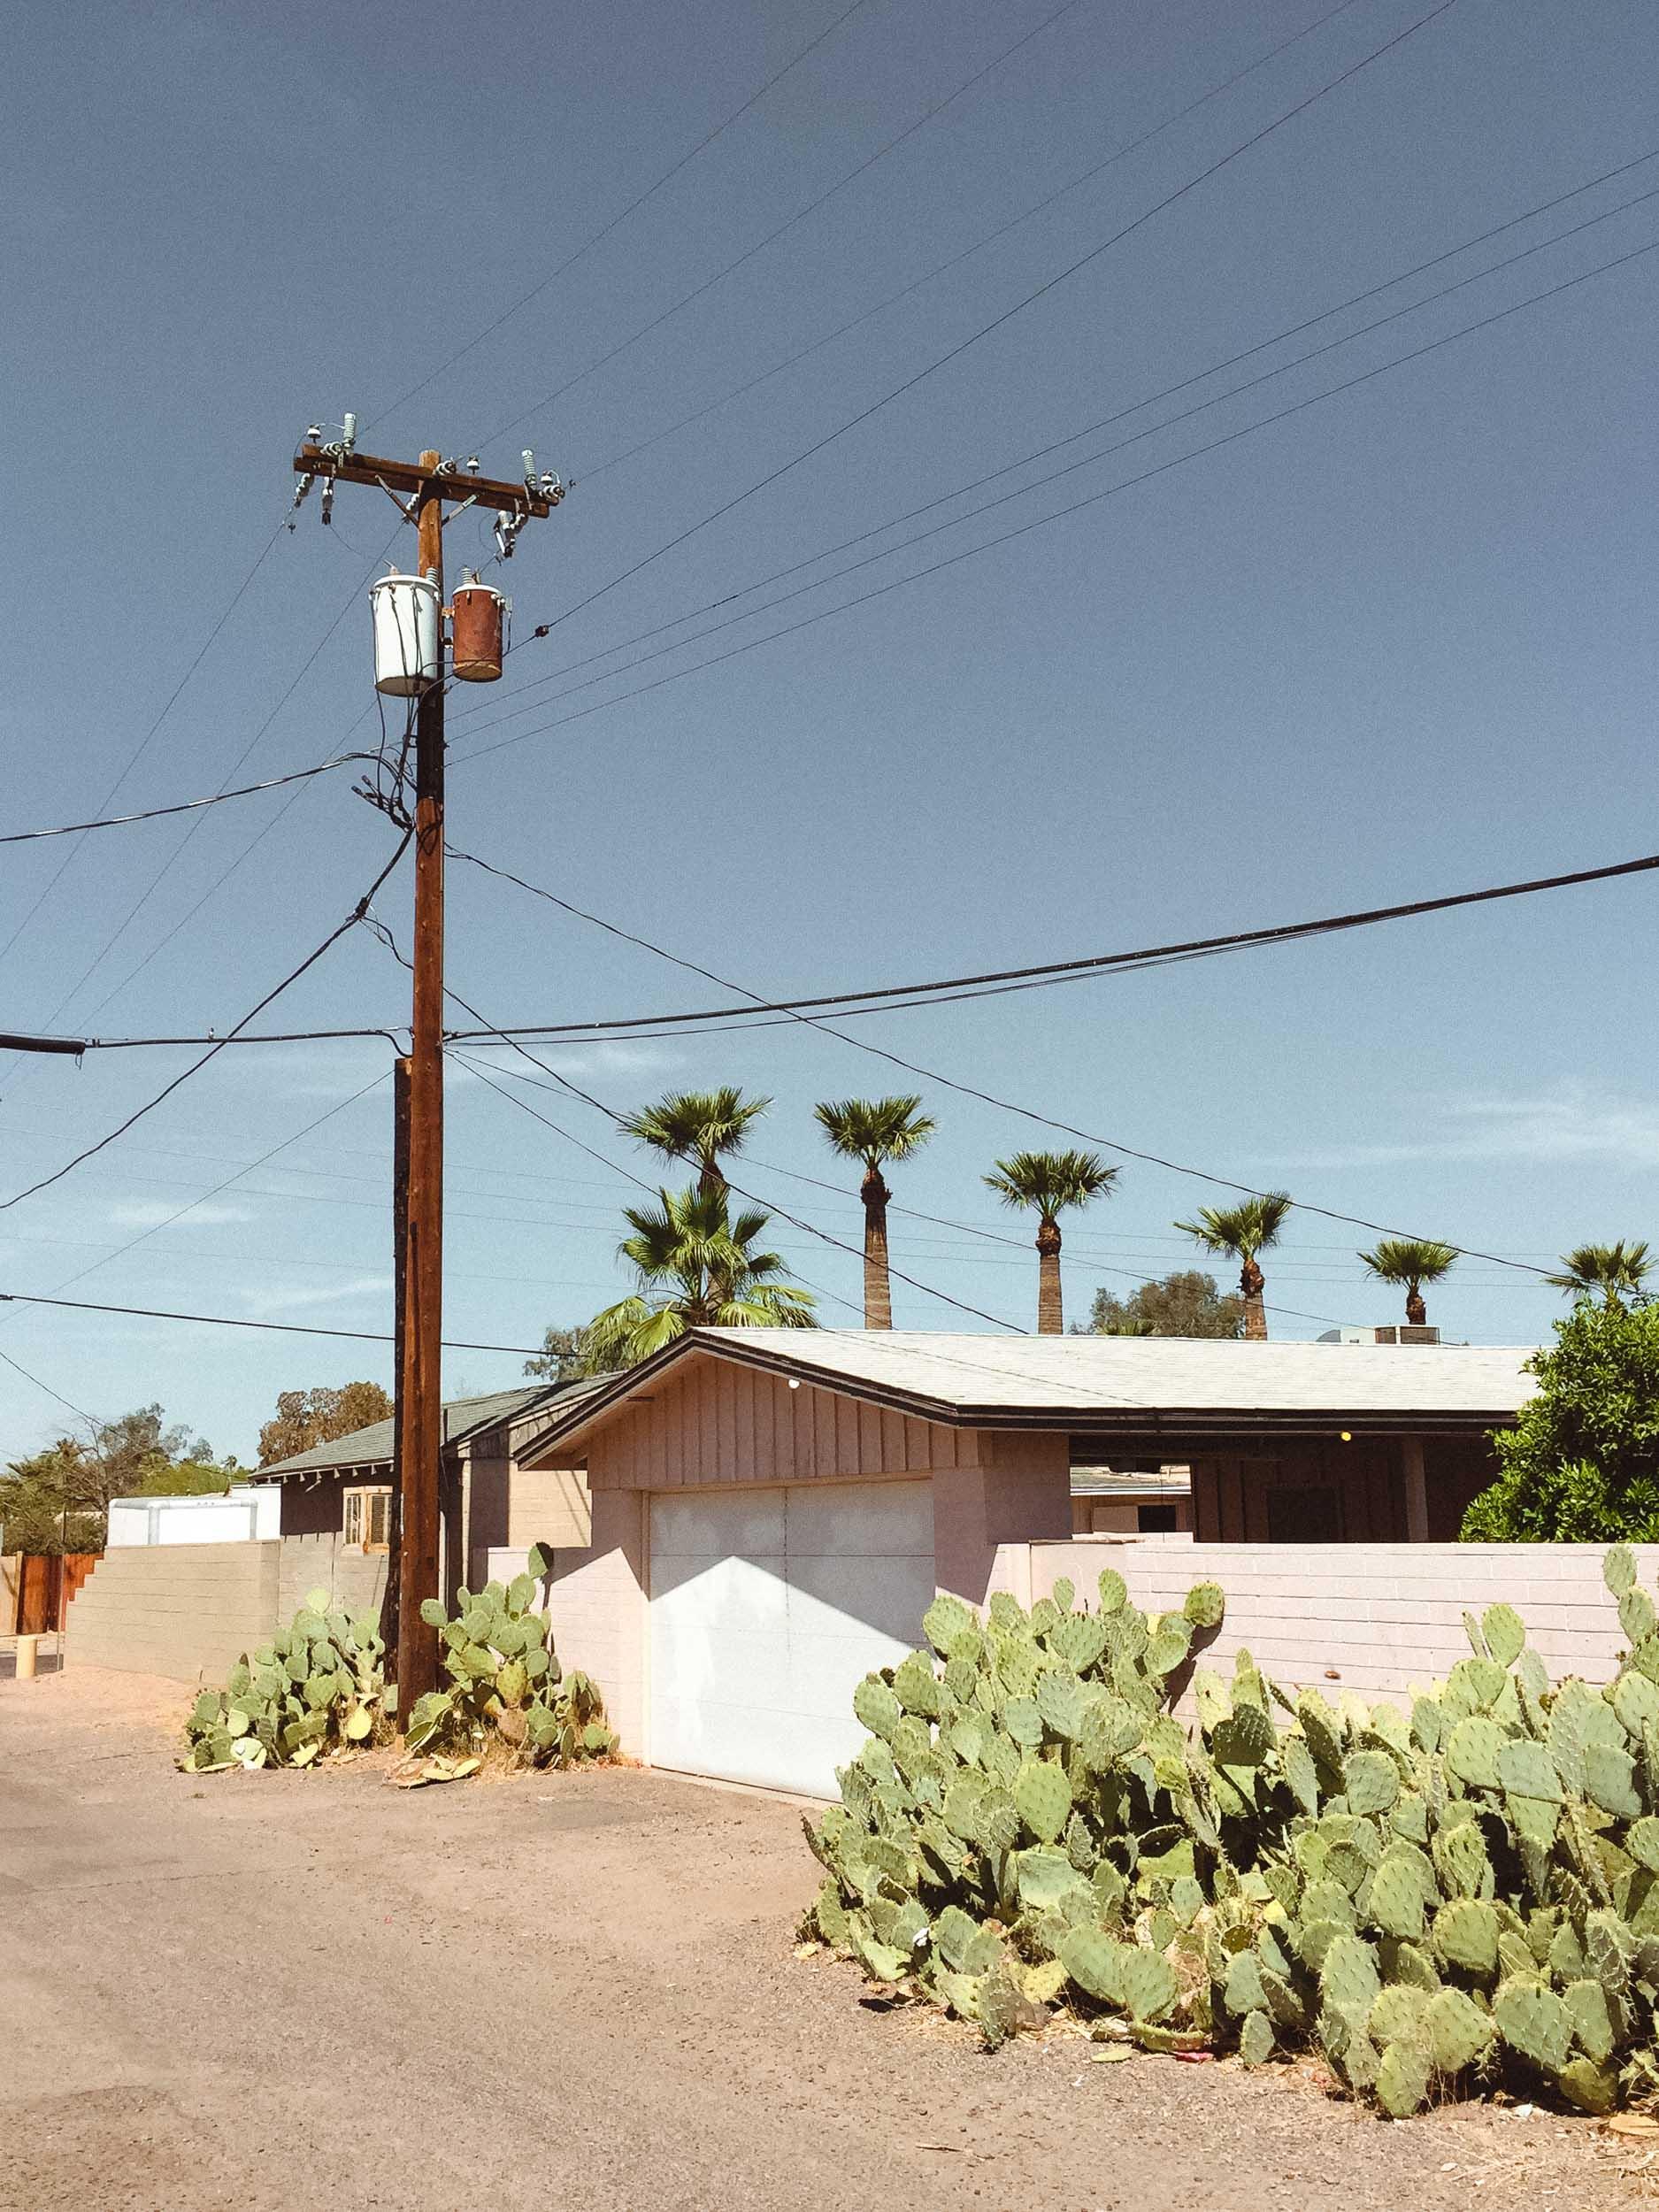 Phoenix — Kyle Niemier